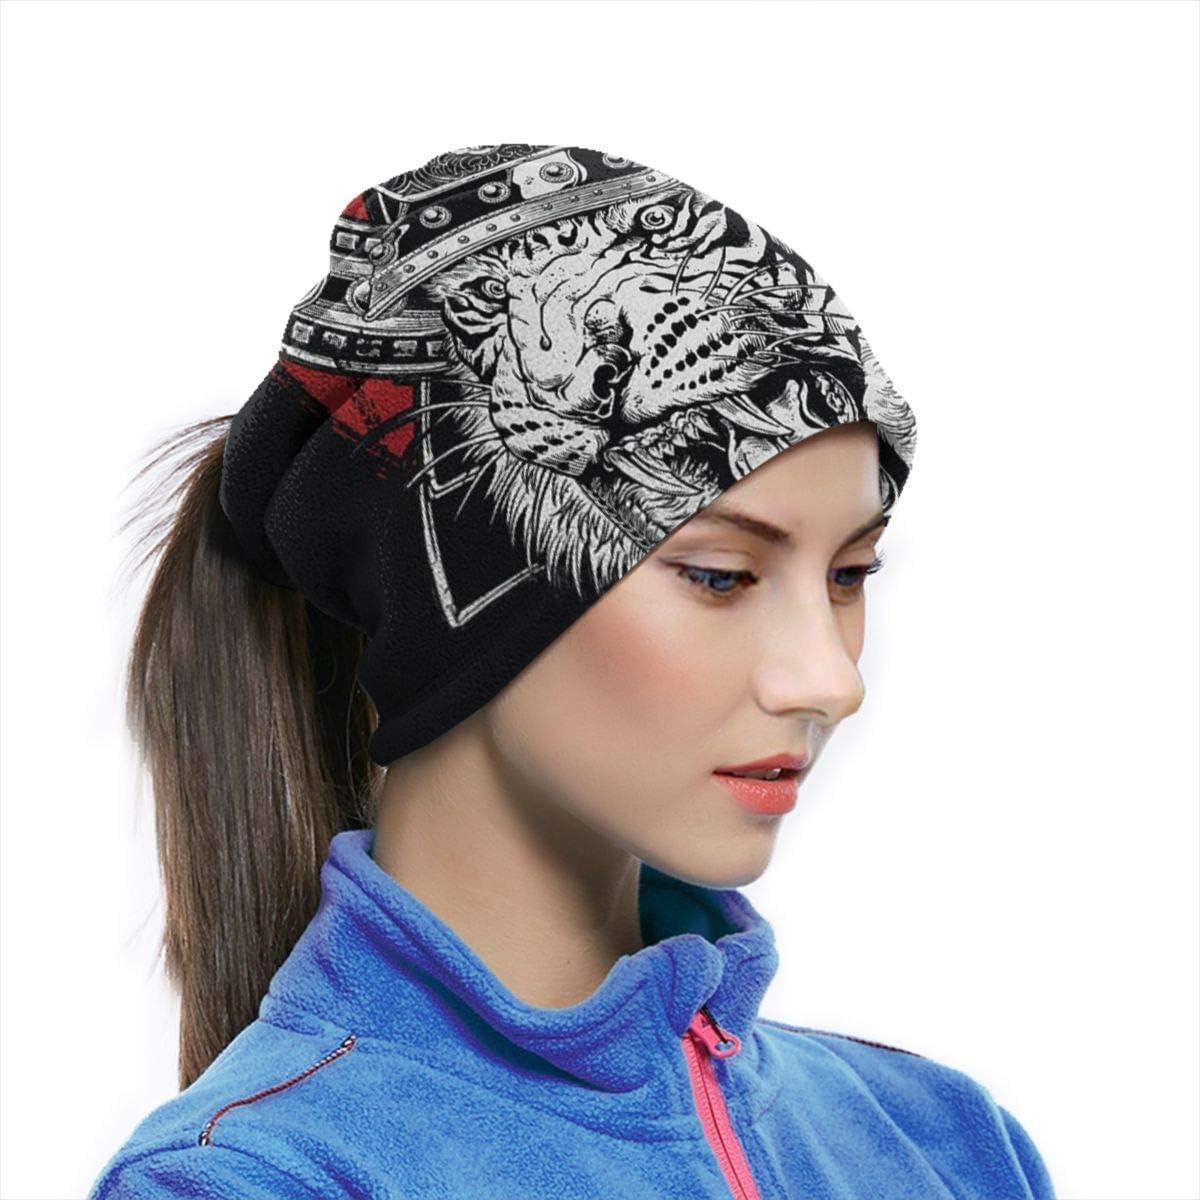 hon-ey WE Handgezeichnete hochdetaillierte japanische Tiger Samurai Stirnband Gesichtsmaske Bandana Kopf wickeln Schal Nackenw/ärmer Kopfbedeckung Sturmhaube f/ür den Sport